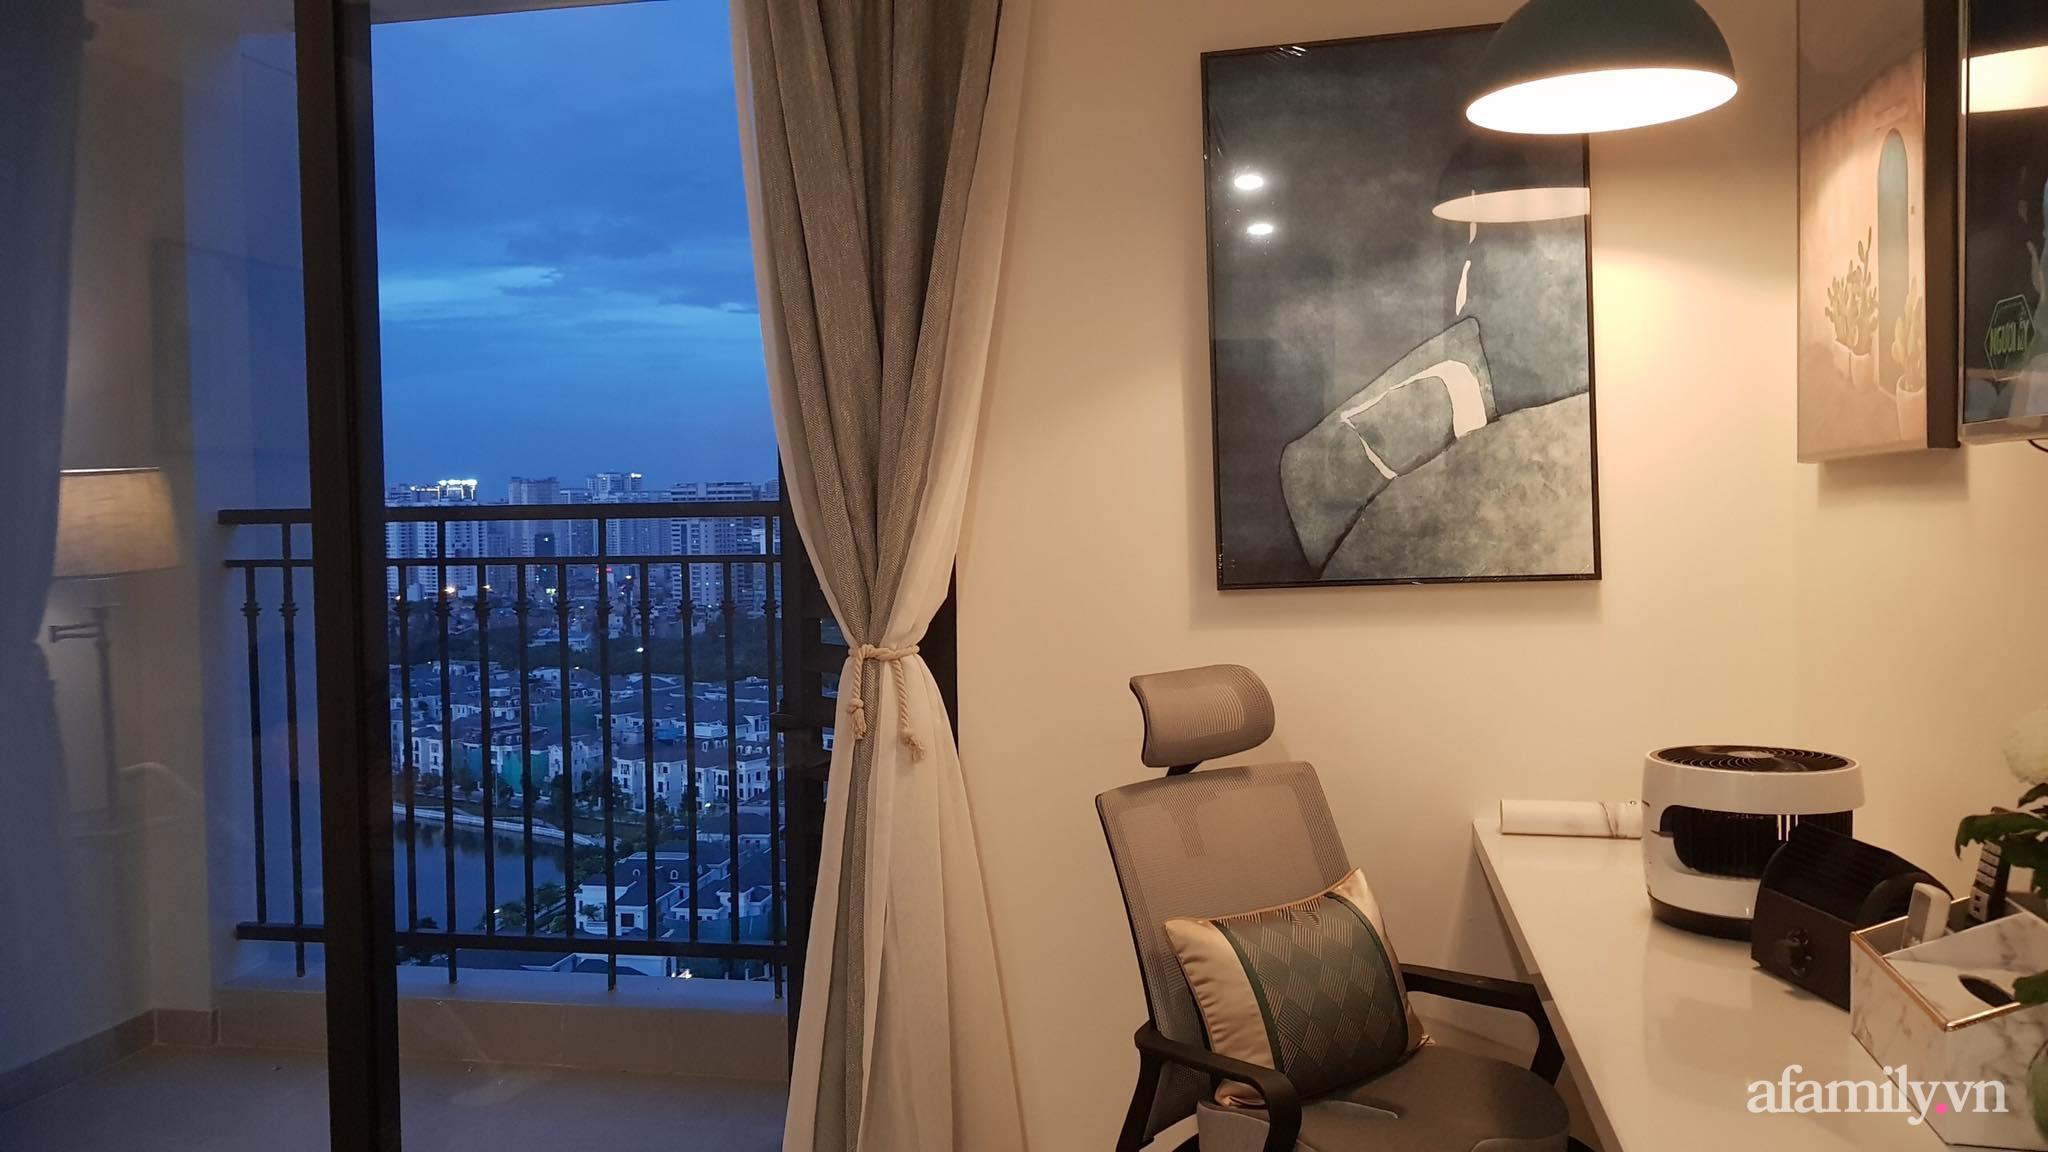 Căn hộ 28m² đẹp từng centimet với cách lựa chọn nội thất thông minh, hiện đại có chi phí hoàn thiện 100 triệu đồng ở Hà Nội - Ảnh 1.